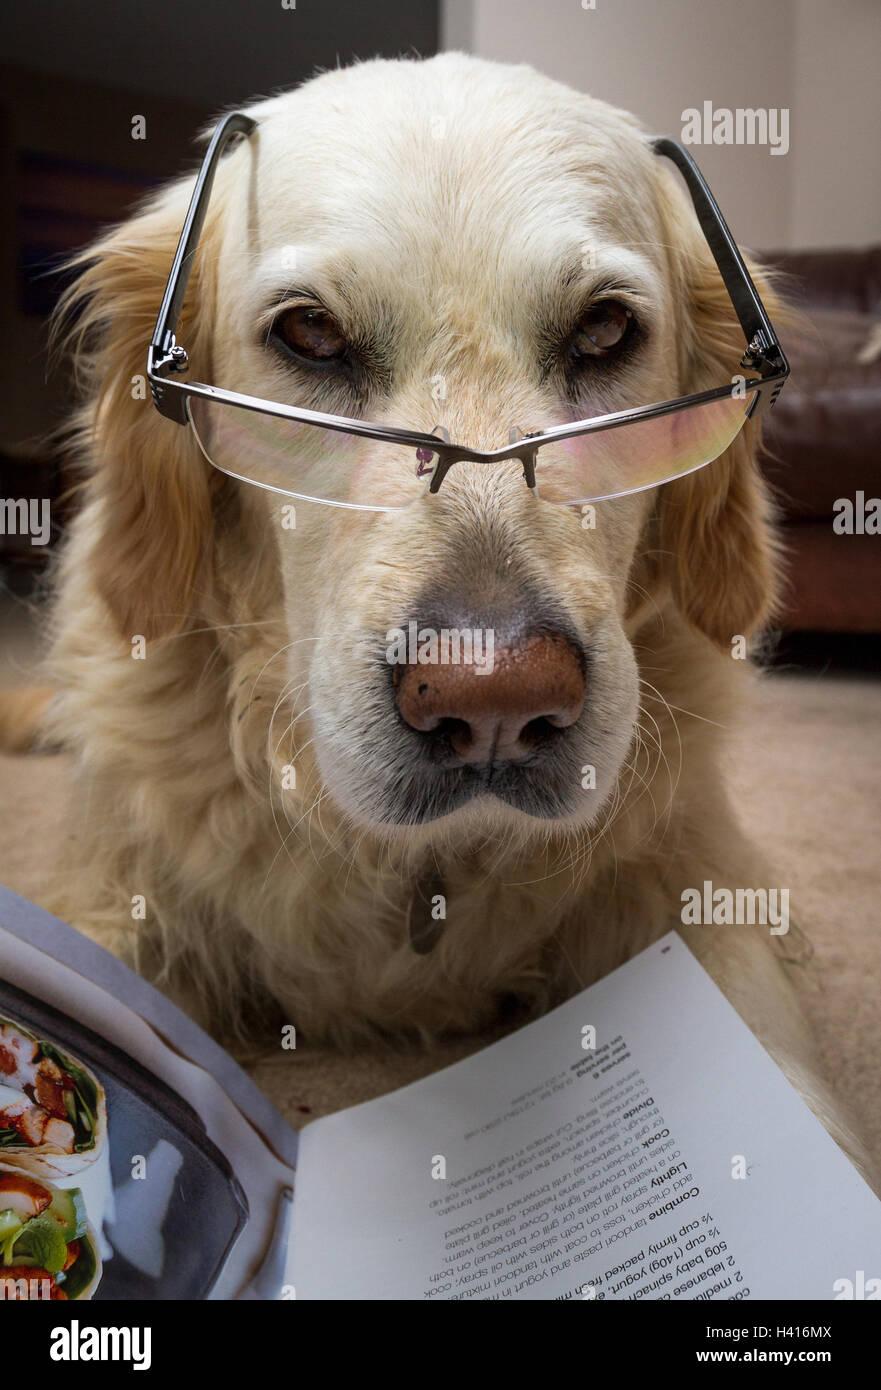 Cane alla ricerca intelligente con bicchieri e libro di ricette Immagini Stock